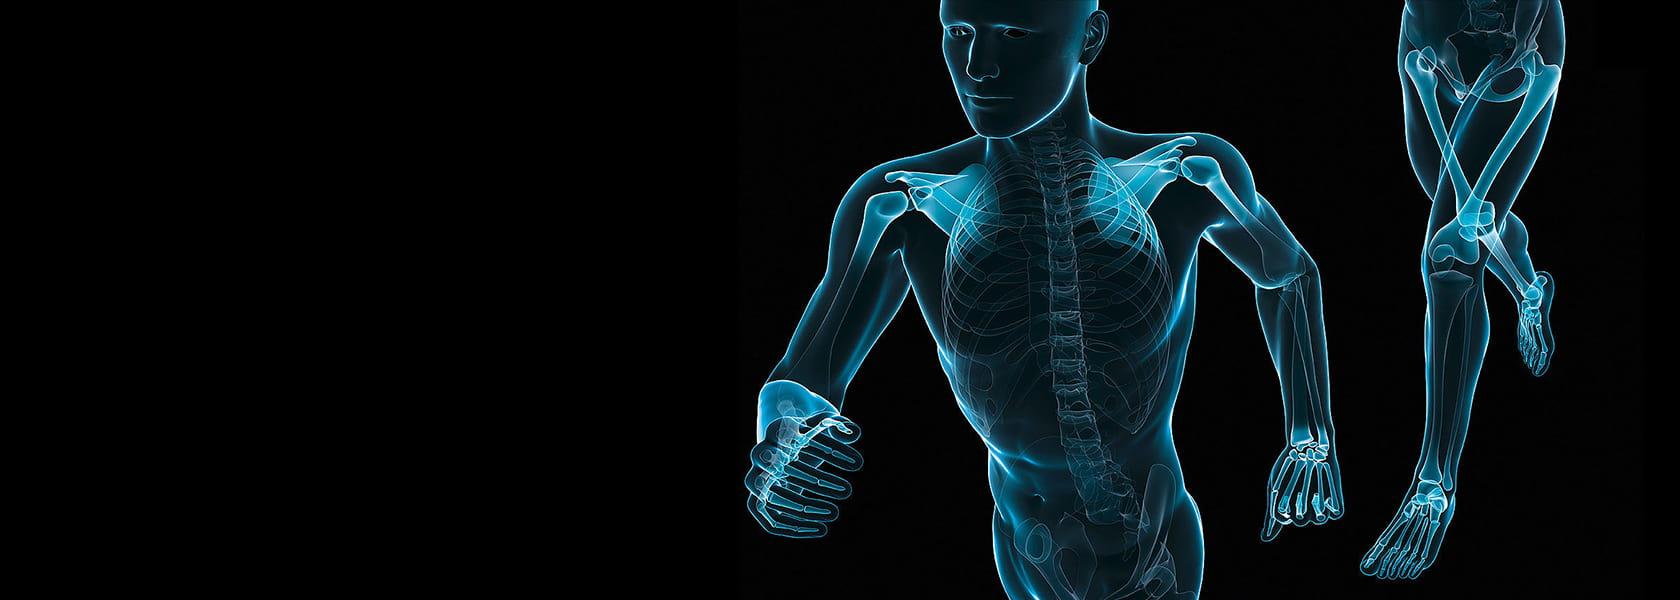 Инструменты и оборудование для травматологии от KLS Martin